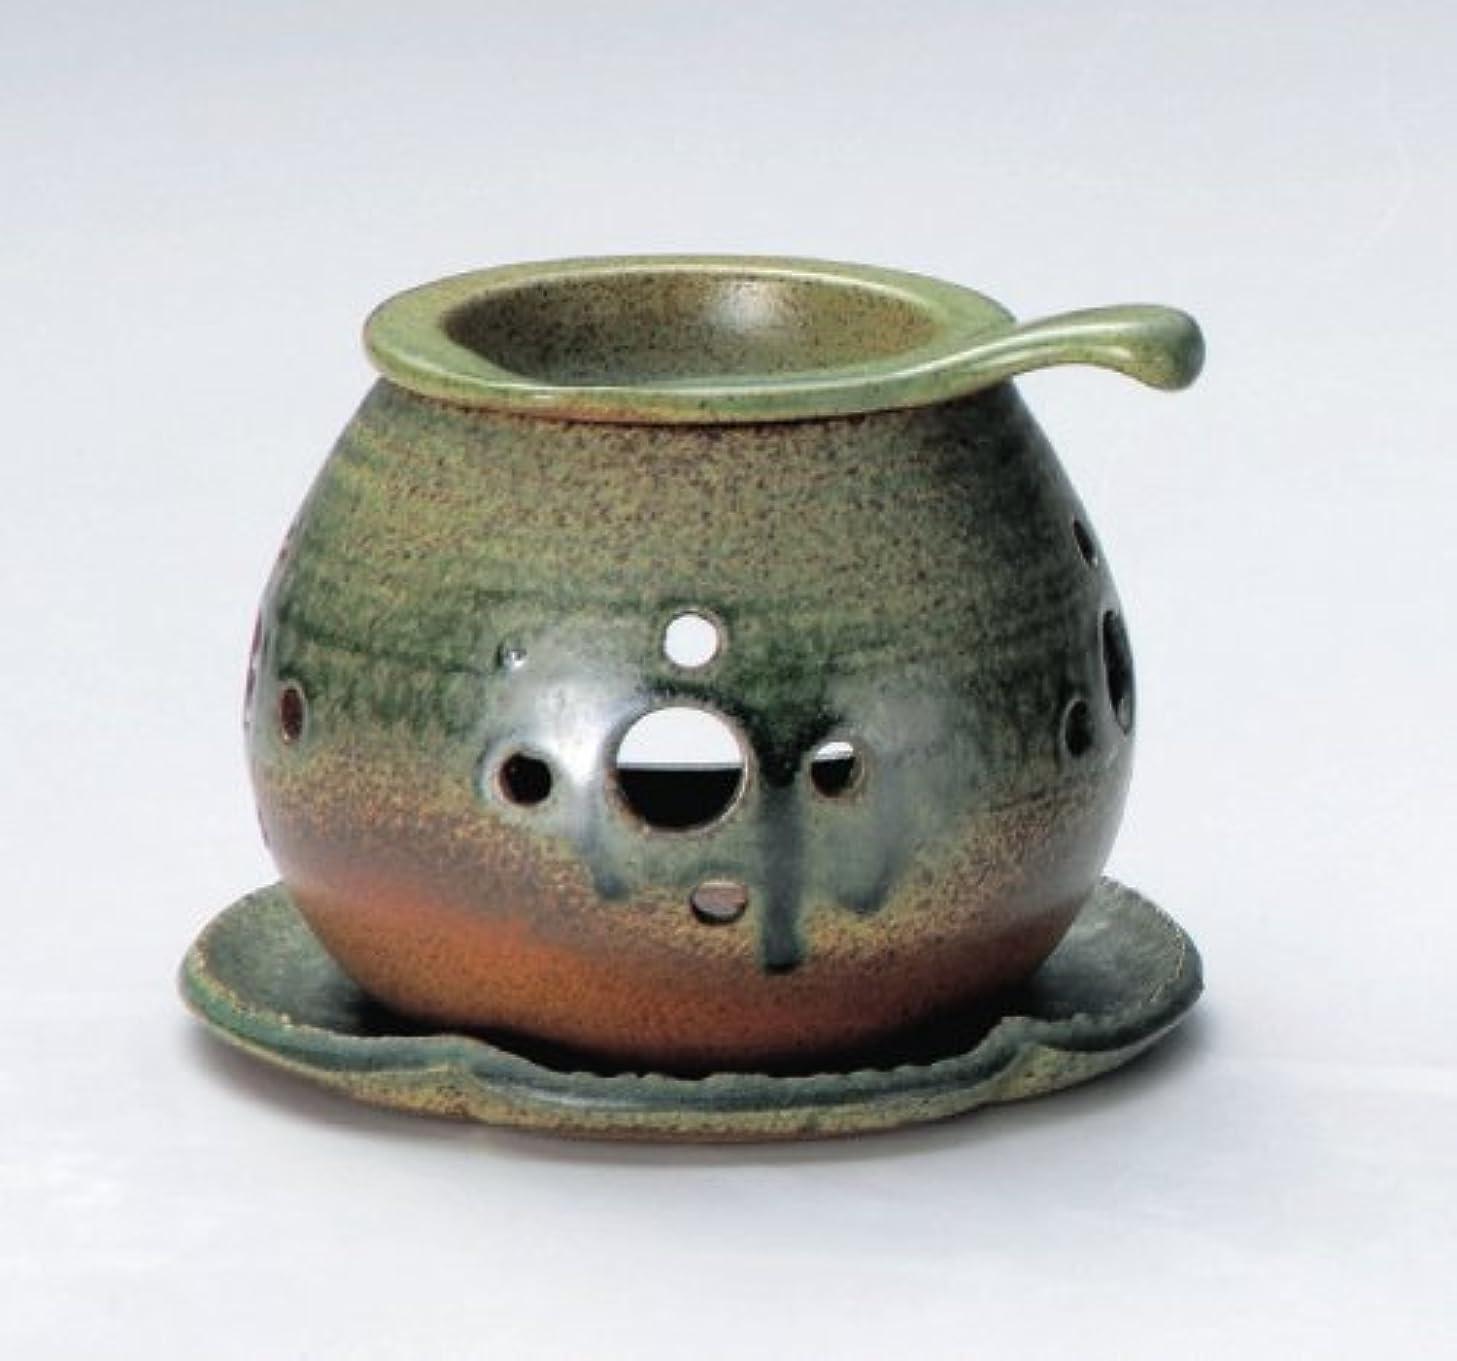 一般的にペスト電気【常滑焼】行宮 灰釉丸形茶香炉 灰釉丸形 φ13.5×H10.5㎝ 3-824